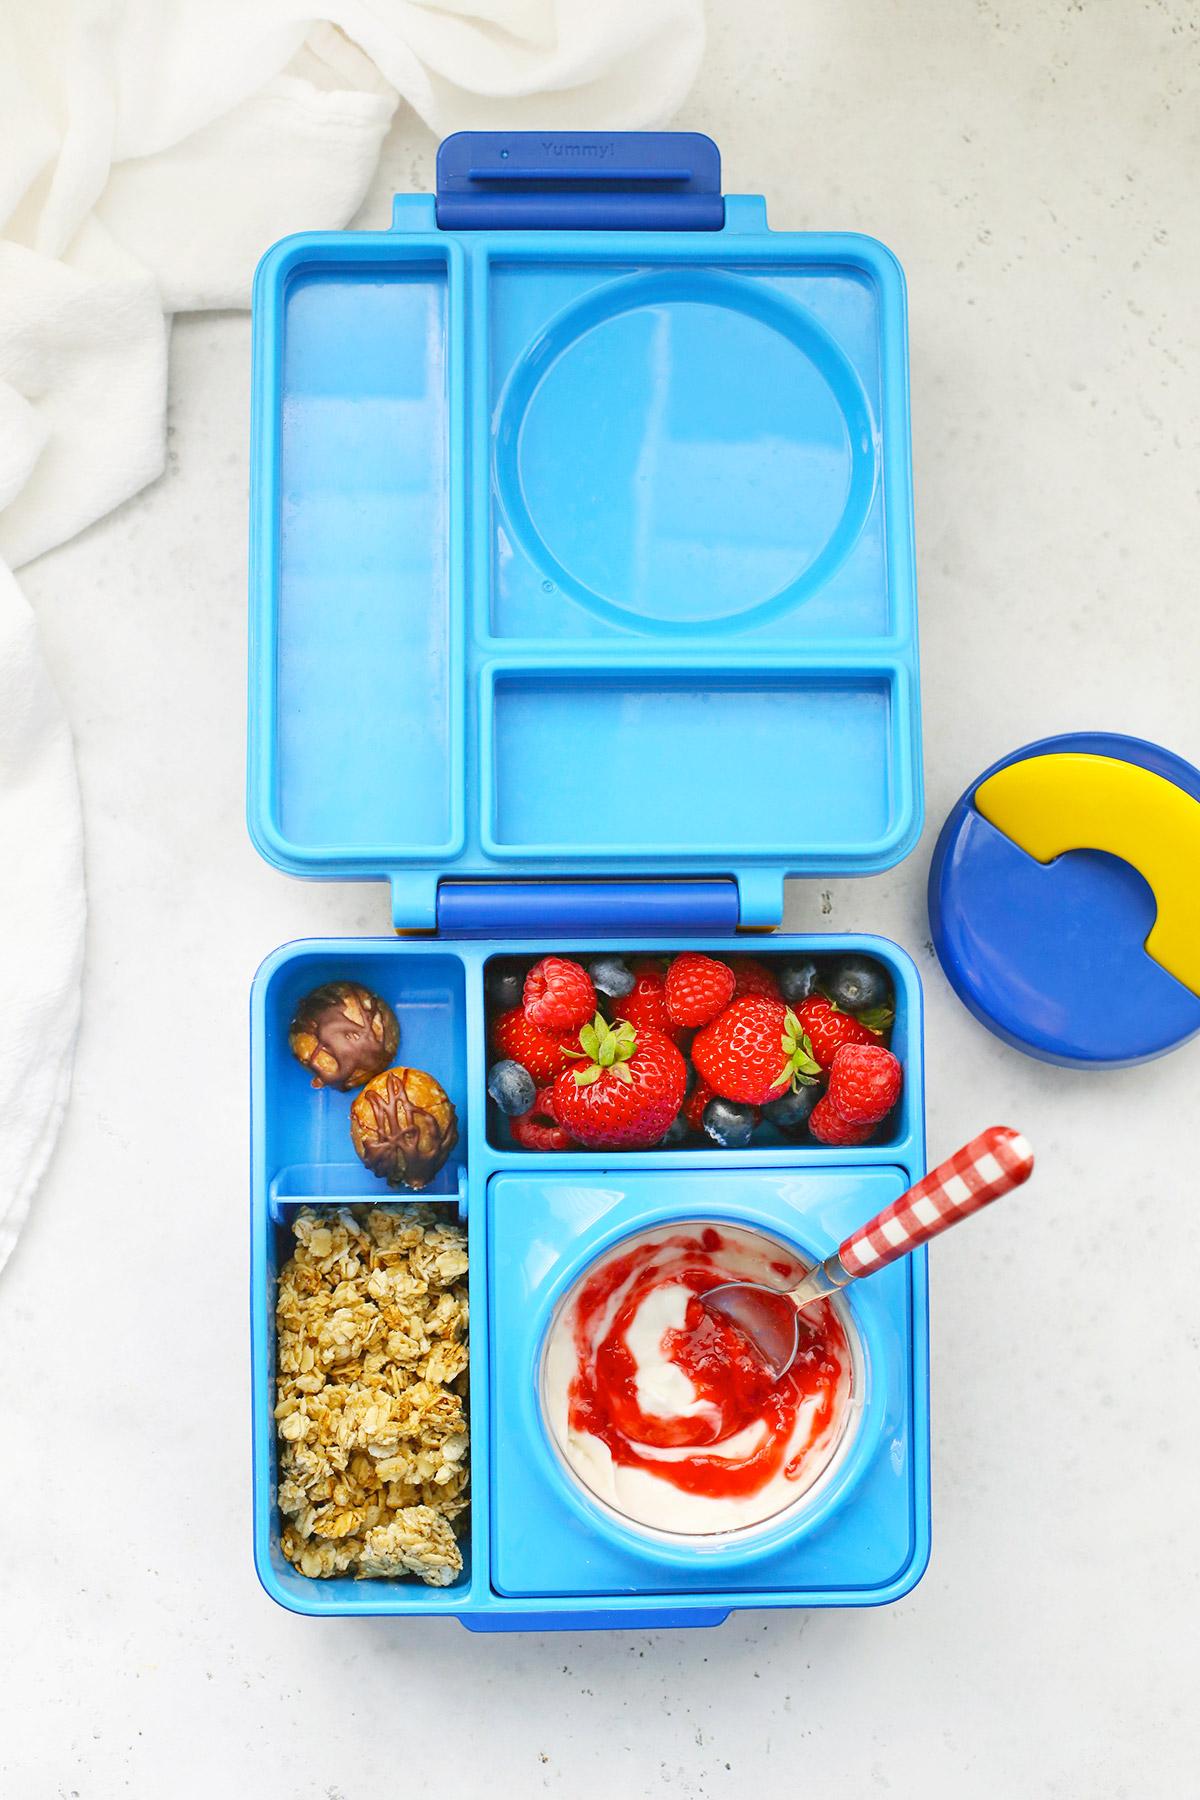 Blue Omie Box with yogurt, raspberry sauce, gluten-free granola, energy bites, and fresh strawberries